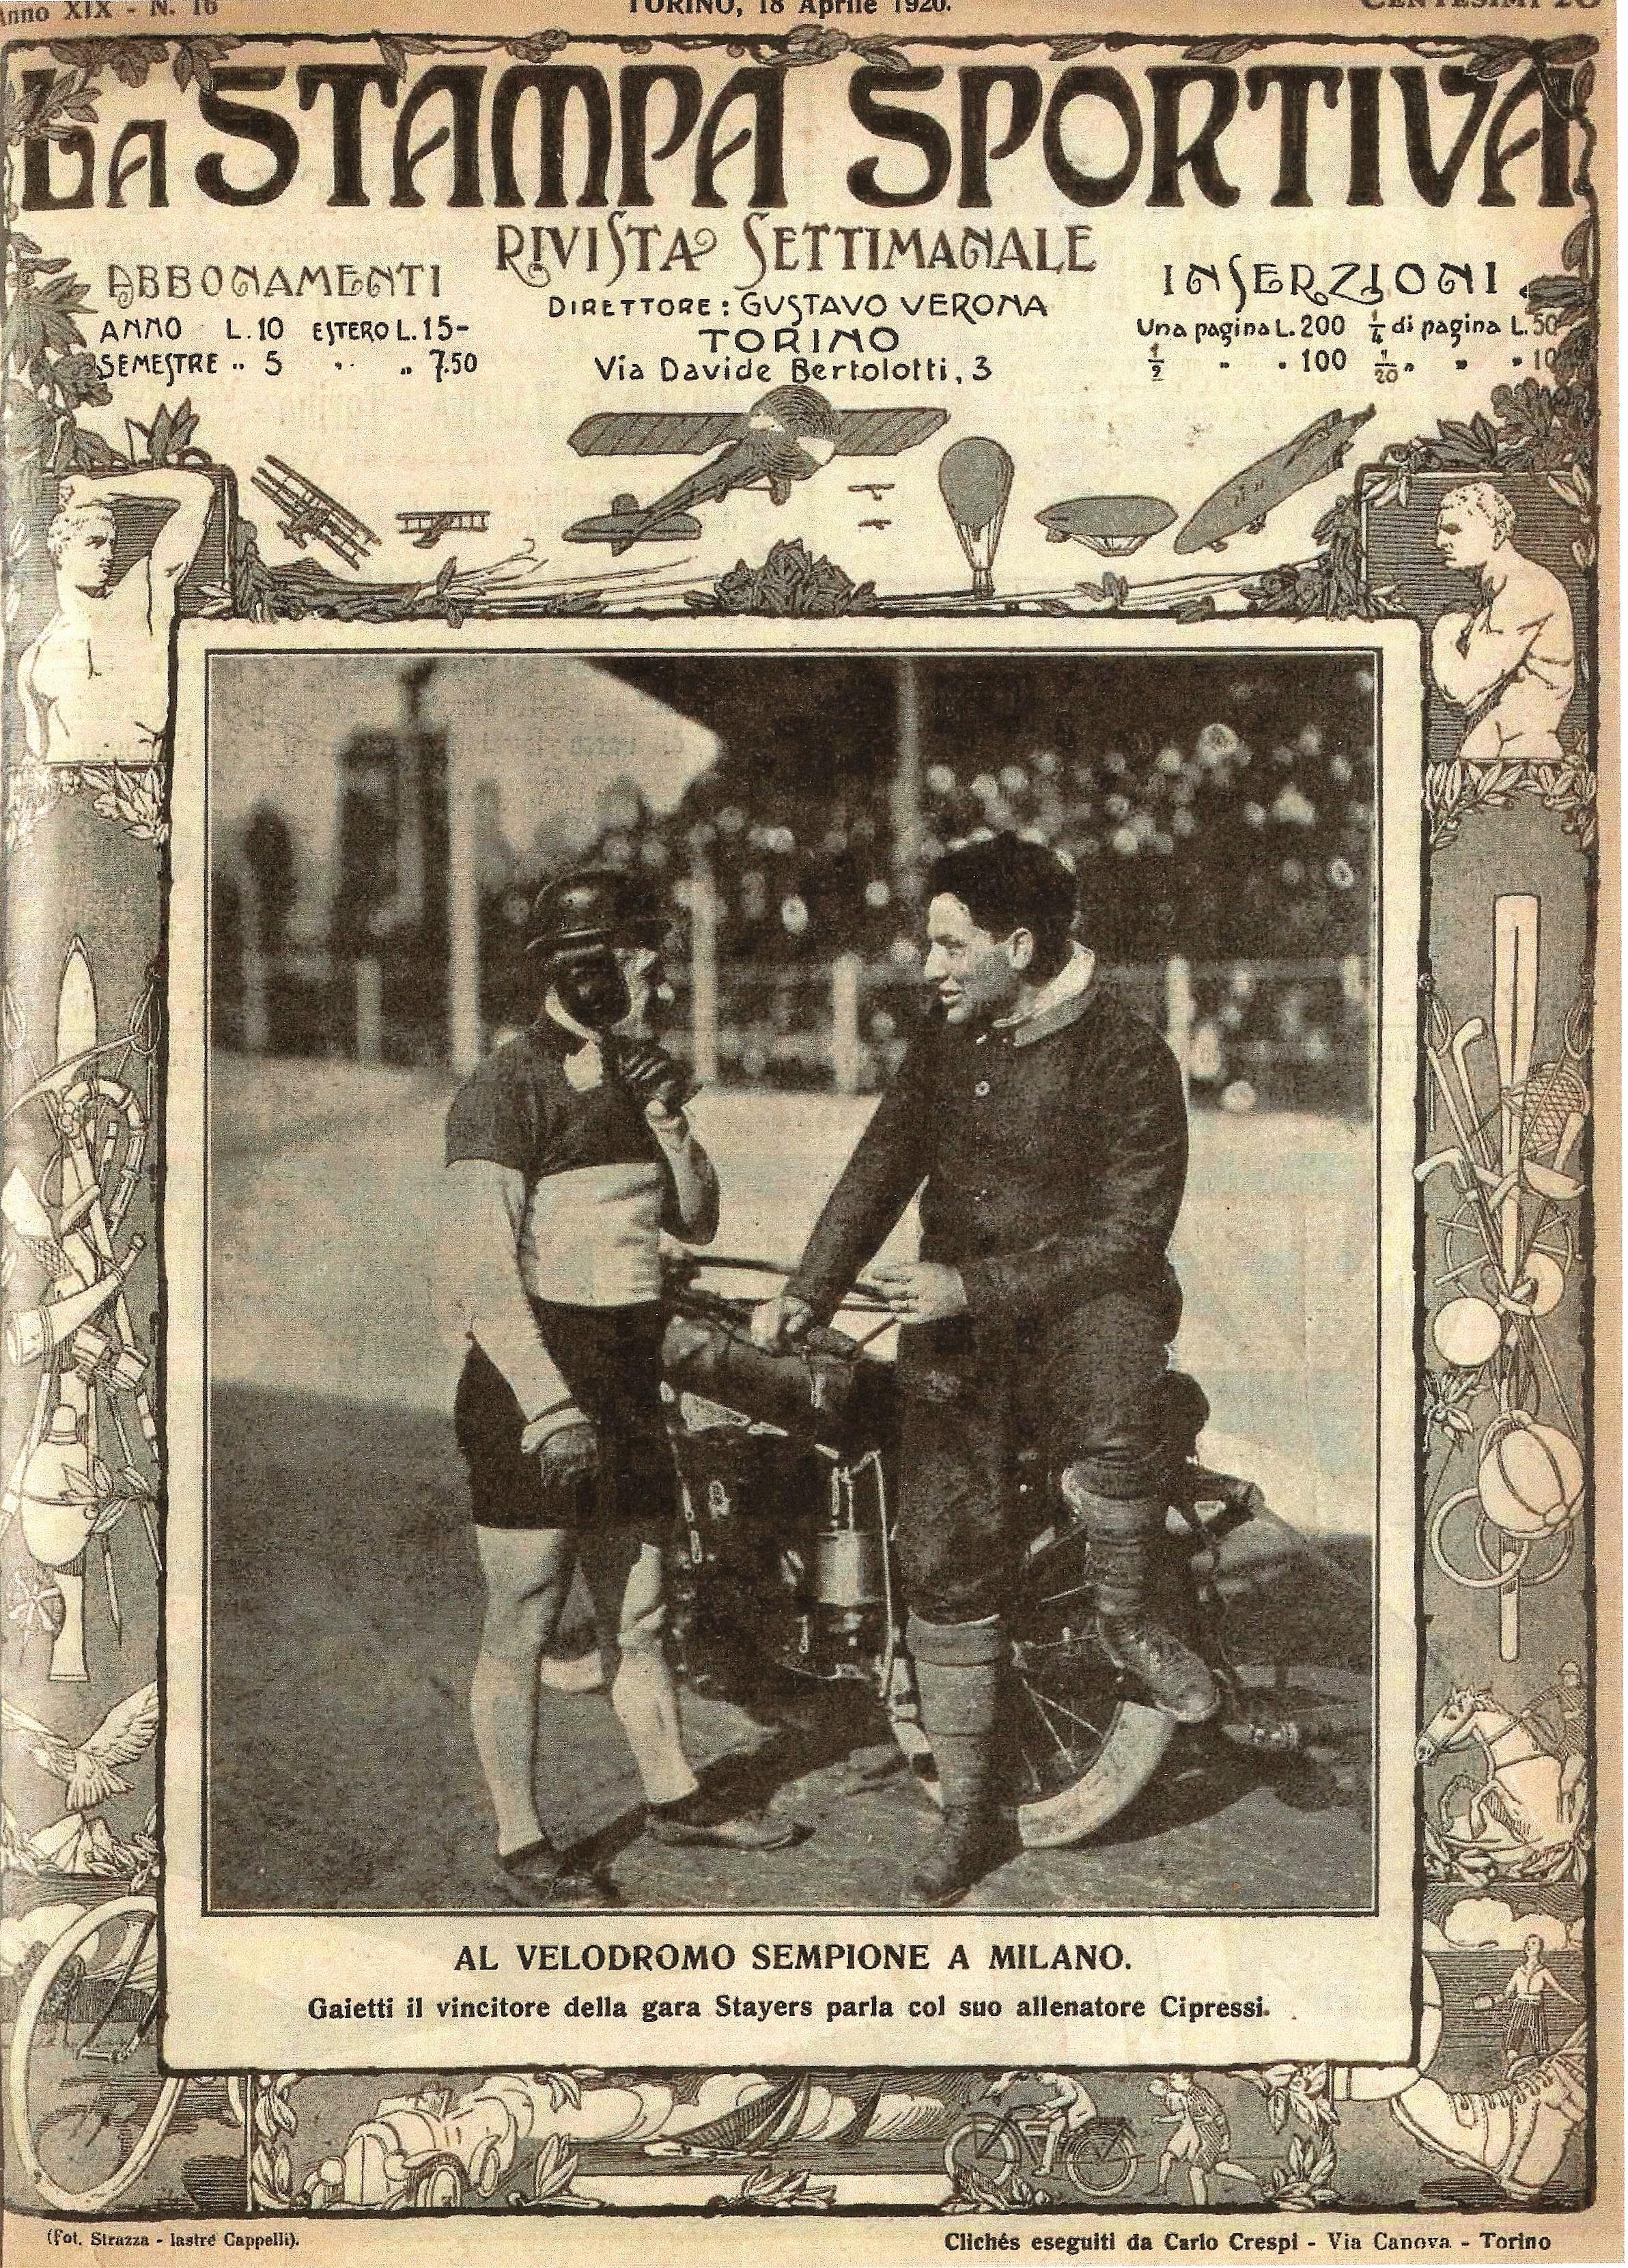 1920 - La prima pagina de La Stampa Sportiva del 18 aprile con Carlo Galetti in versione stayer.